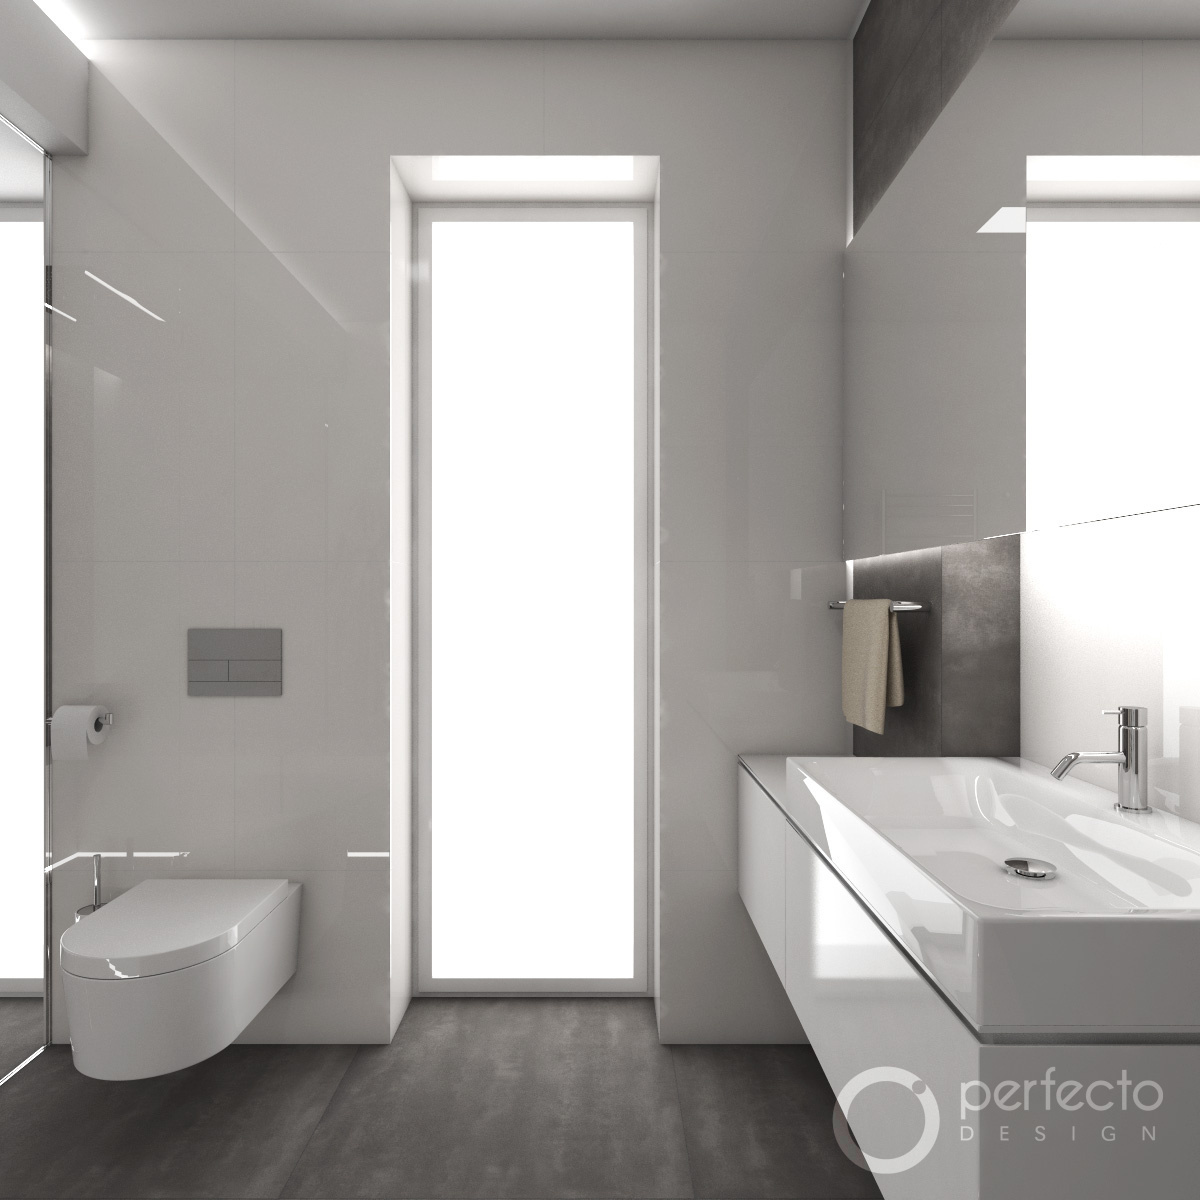 modernes badezimmer minimal perfecto design. Black Bedroom Furniture Sets. Home Design Ideas